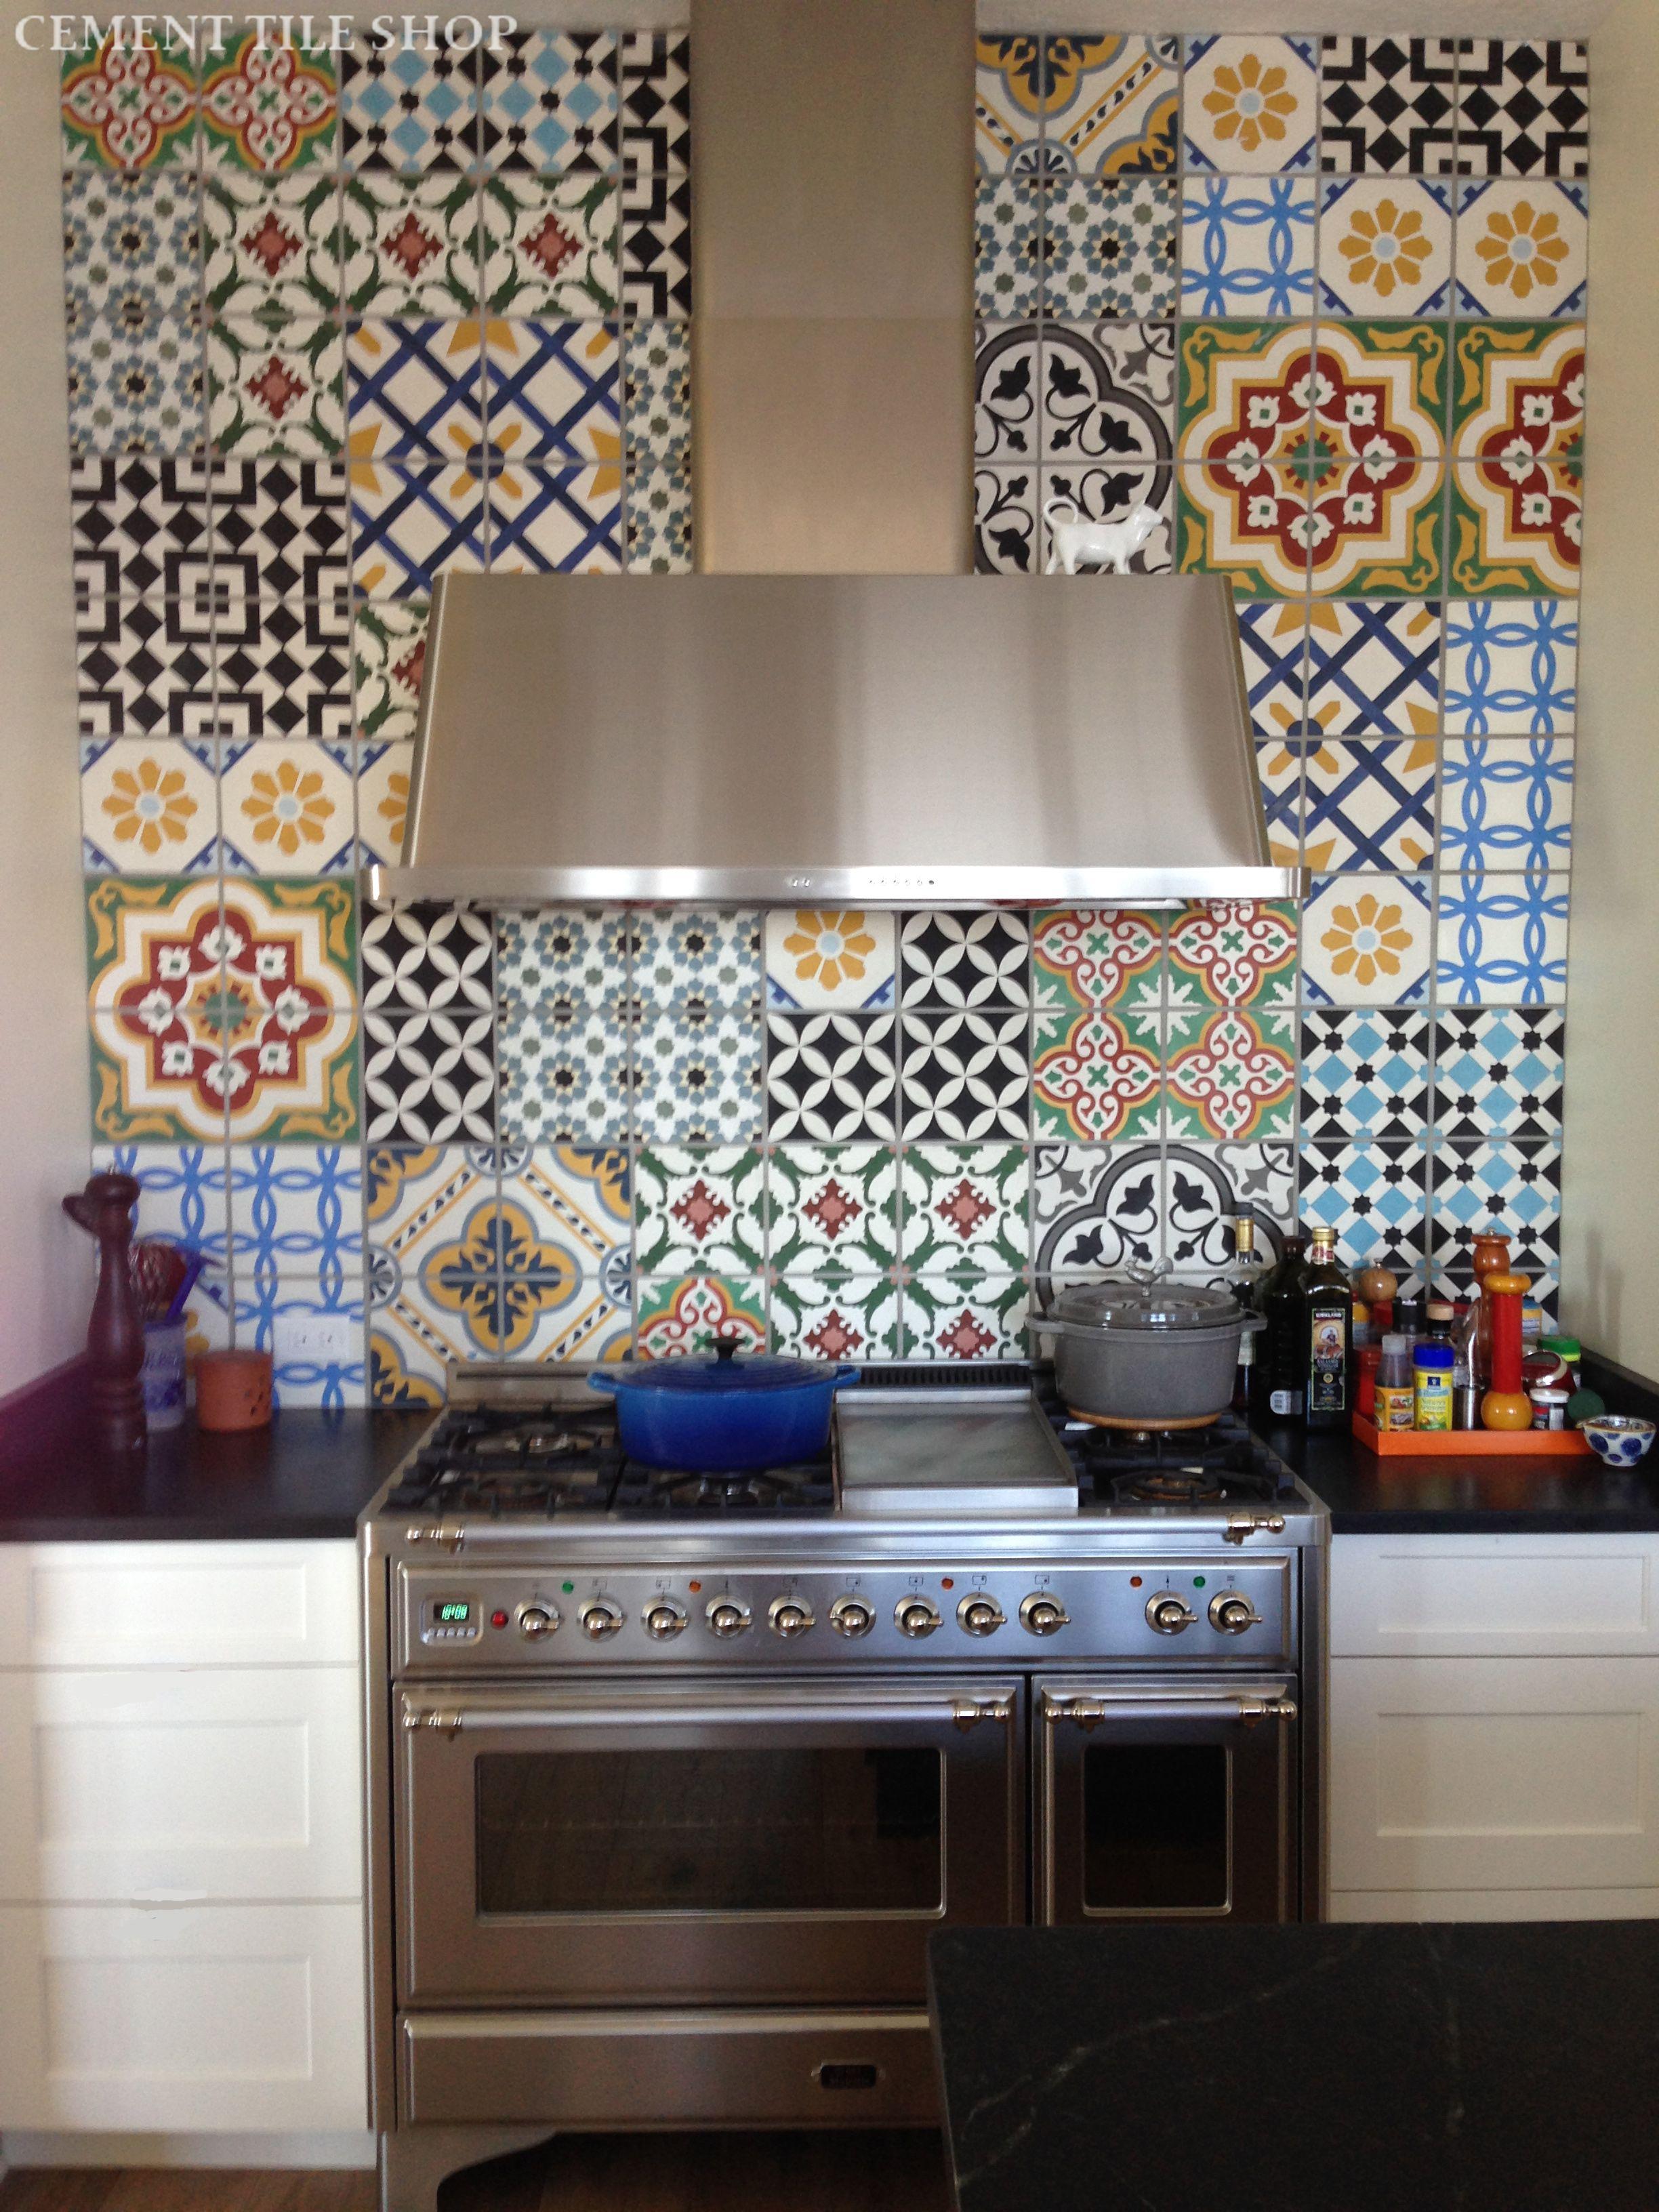 kitchen backsplash  Cement Tile Shop Blog